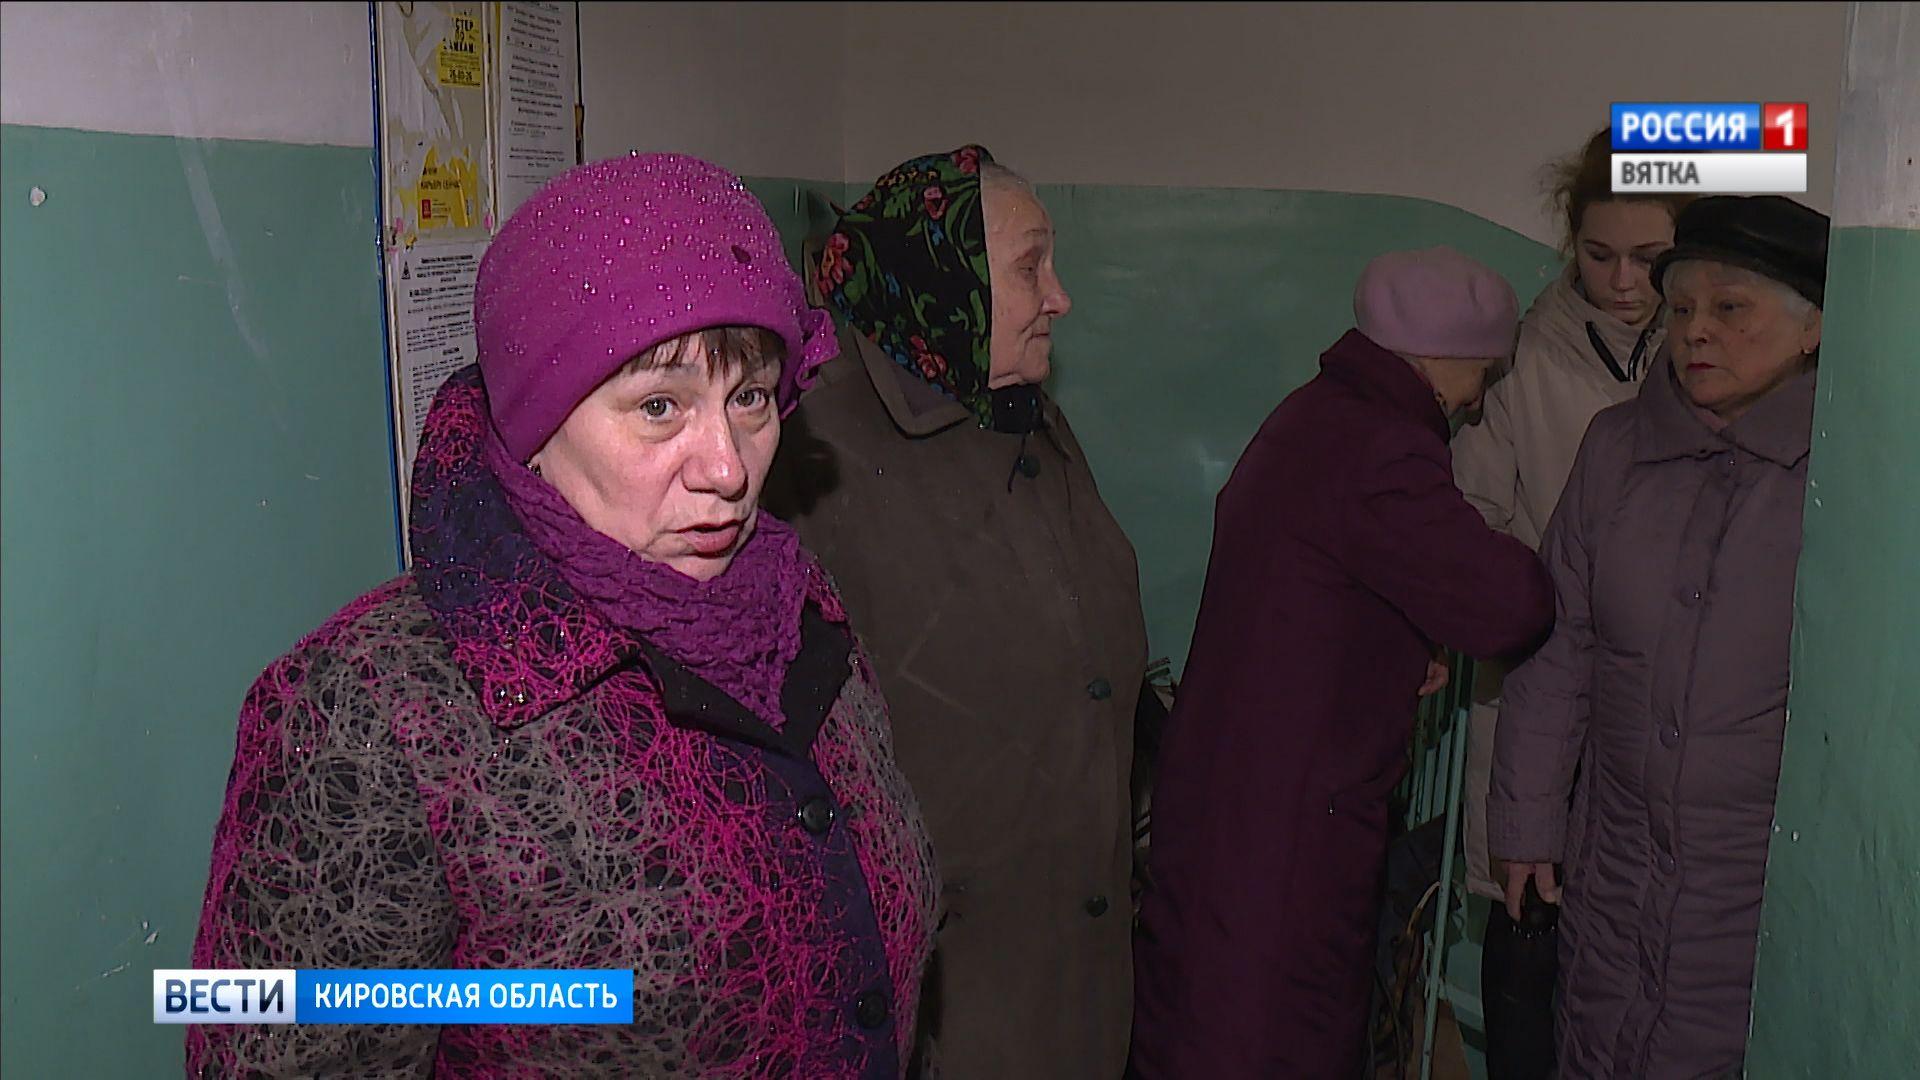 Кировчане продолжают жаловаться на ремонт лифтов в рамках программы капремонта